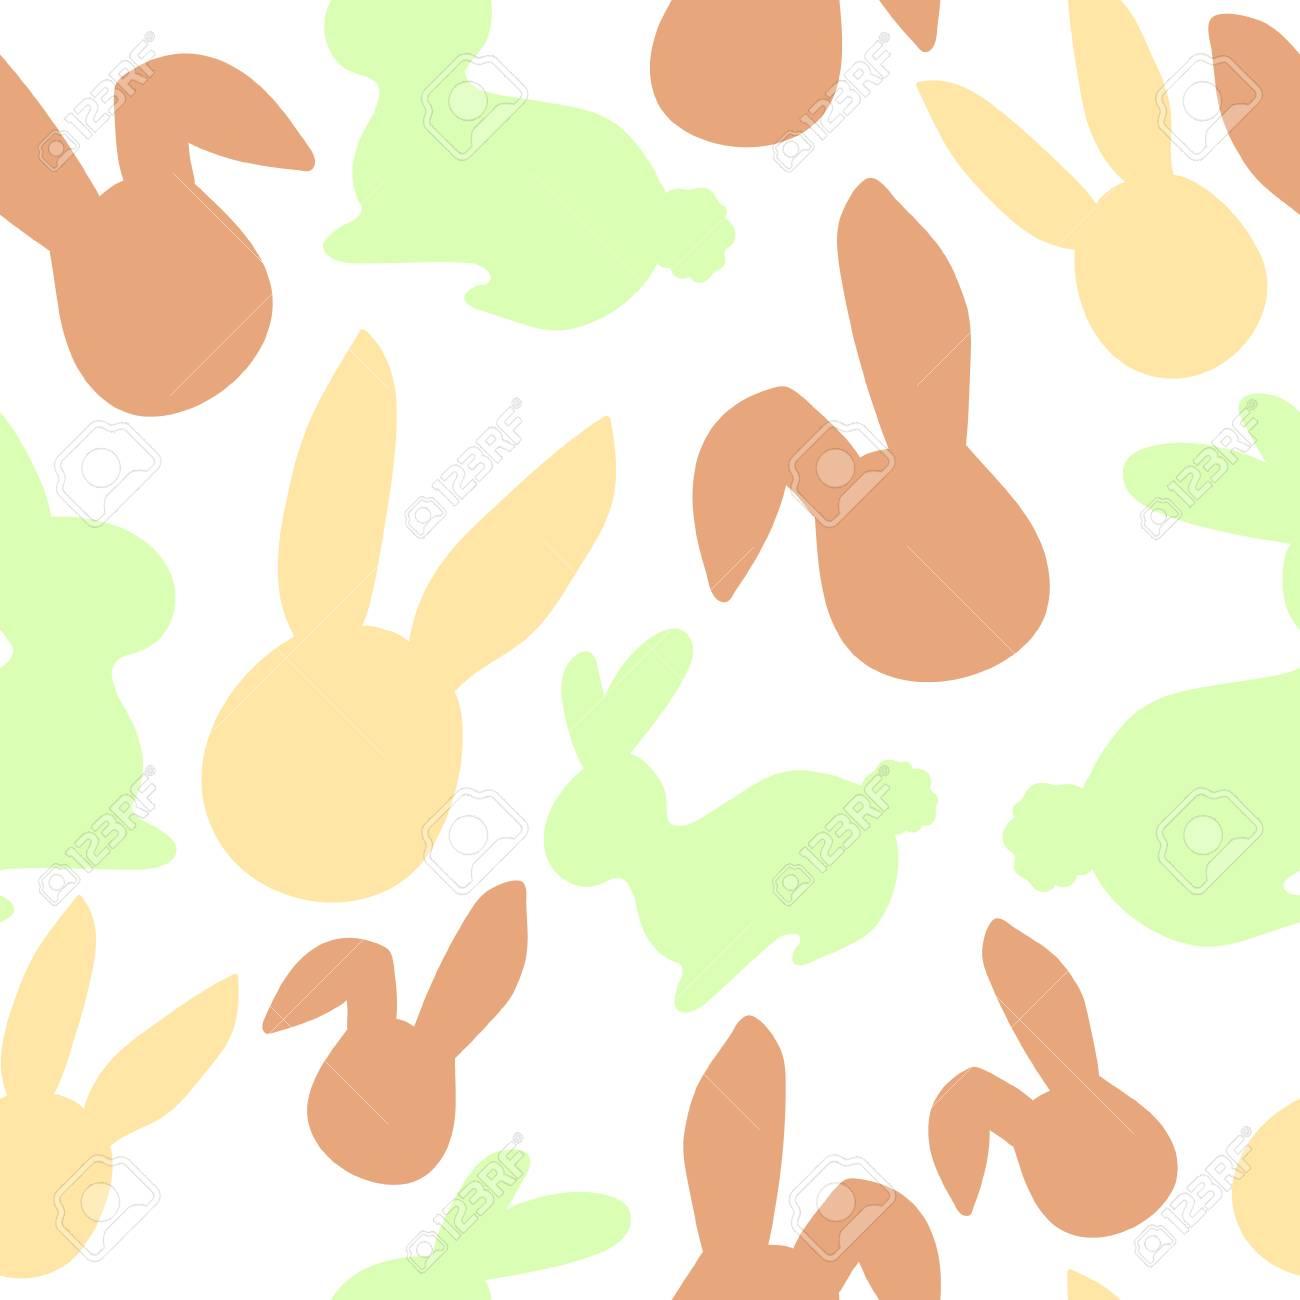 Bunny pattern. Easter egg hunt vector illustration for design, scrapbooking, poster, banner, web element - 97423633